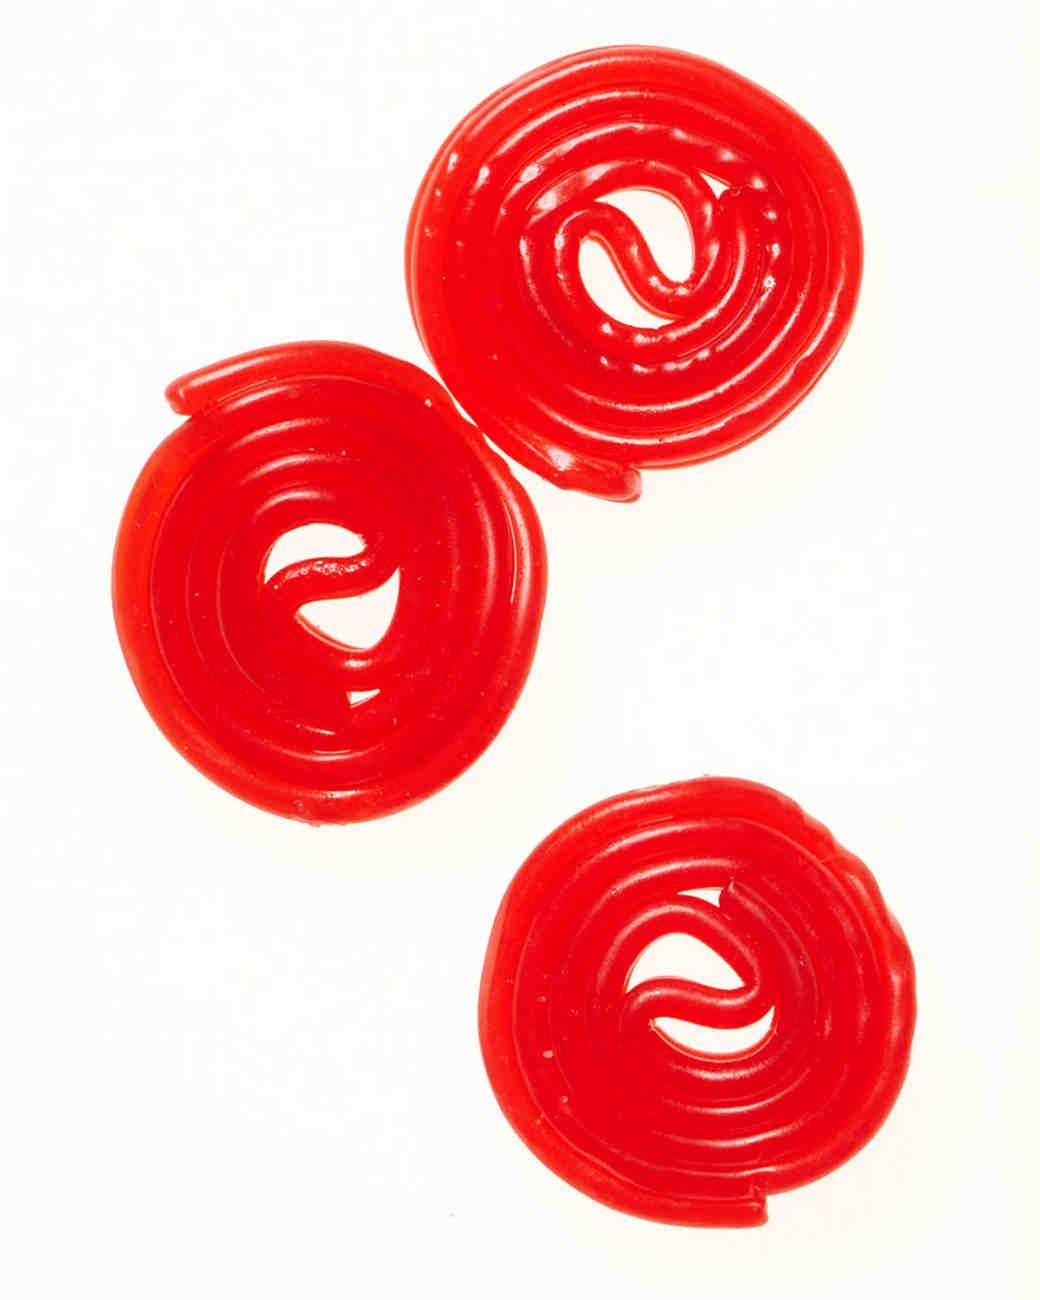 candy-dylan-sum11d107396-017.jpg